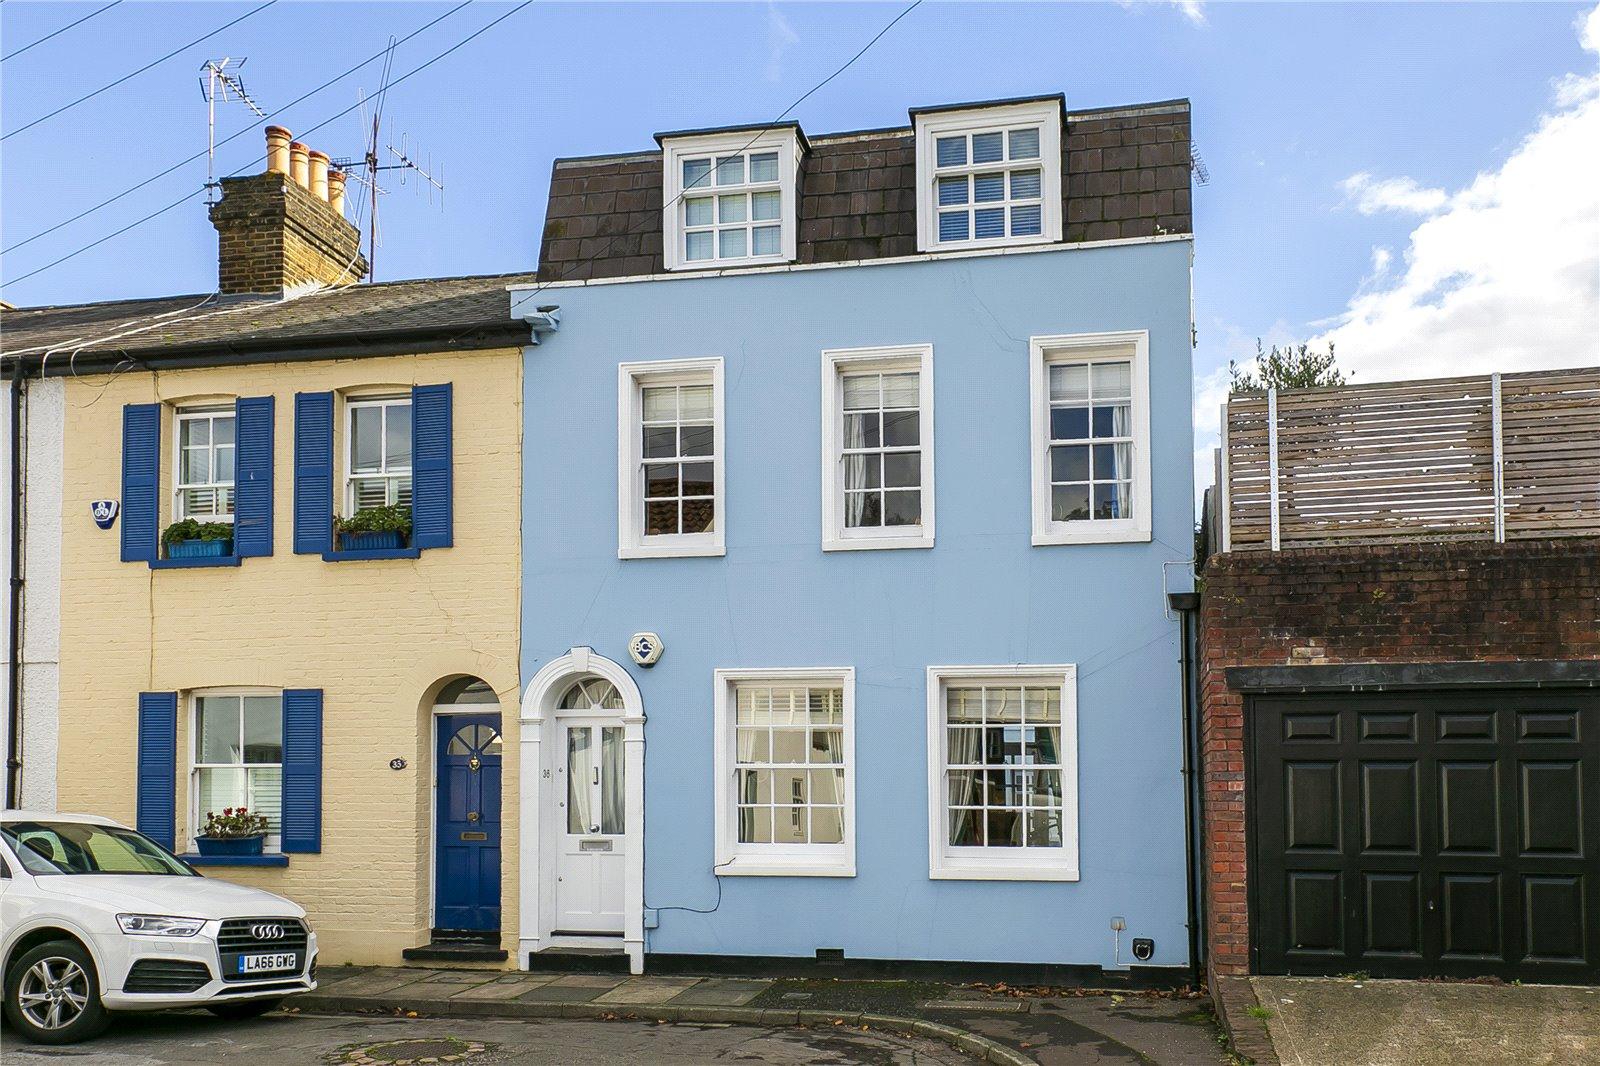 Cambridge Cottages, Kew, TW9 3AY - Antony Roberts